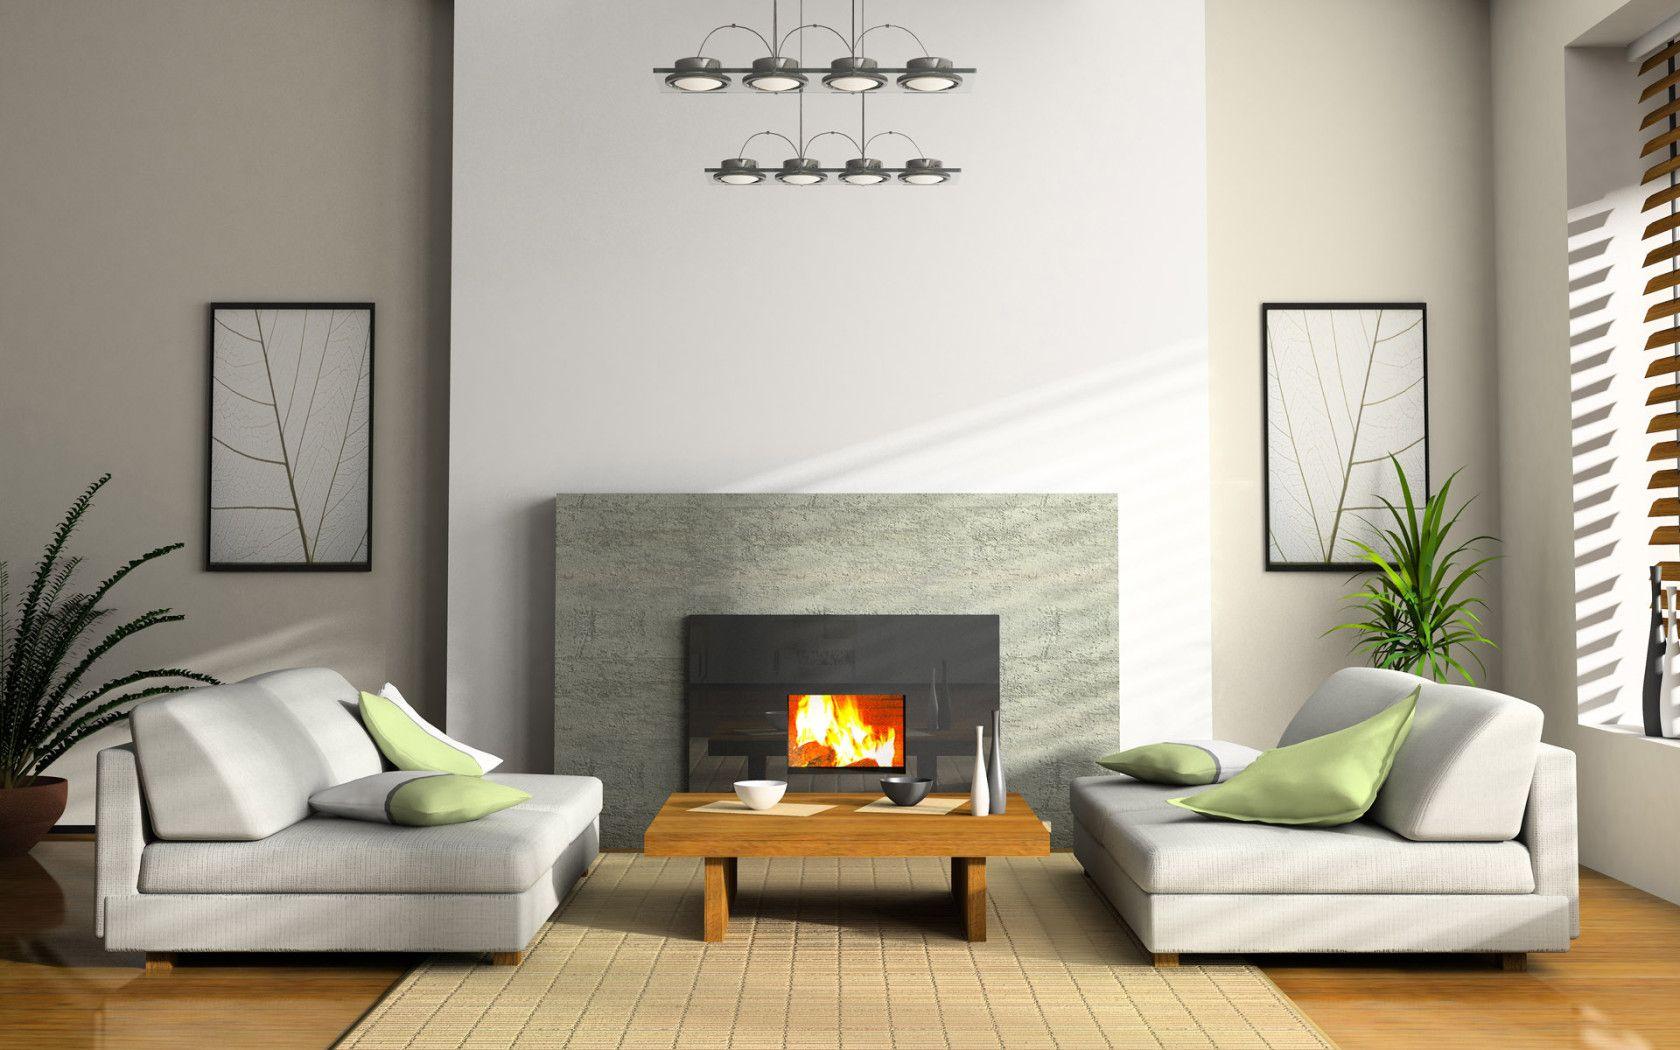 Badezimmer dekor klein pin von kushani jayasinghe auf house  pinterest  wohnzimmer